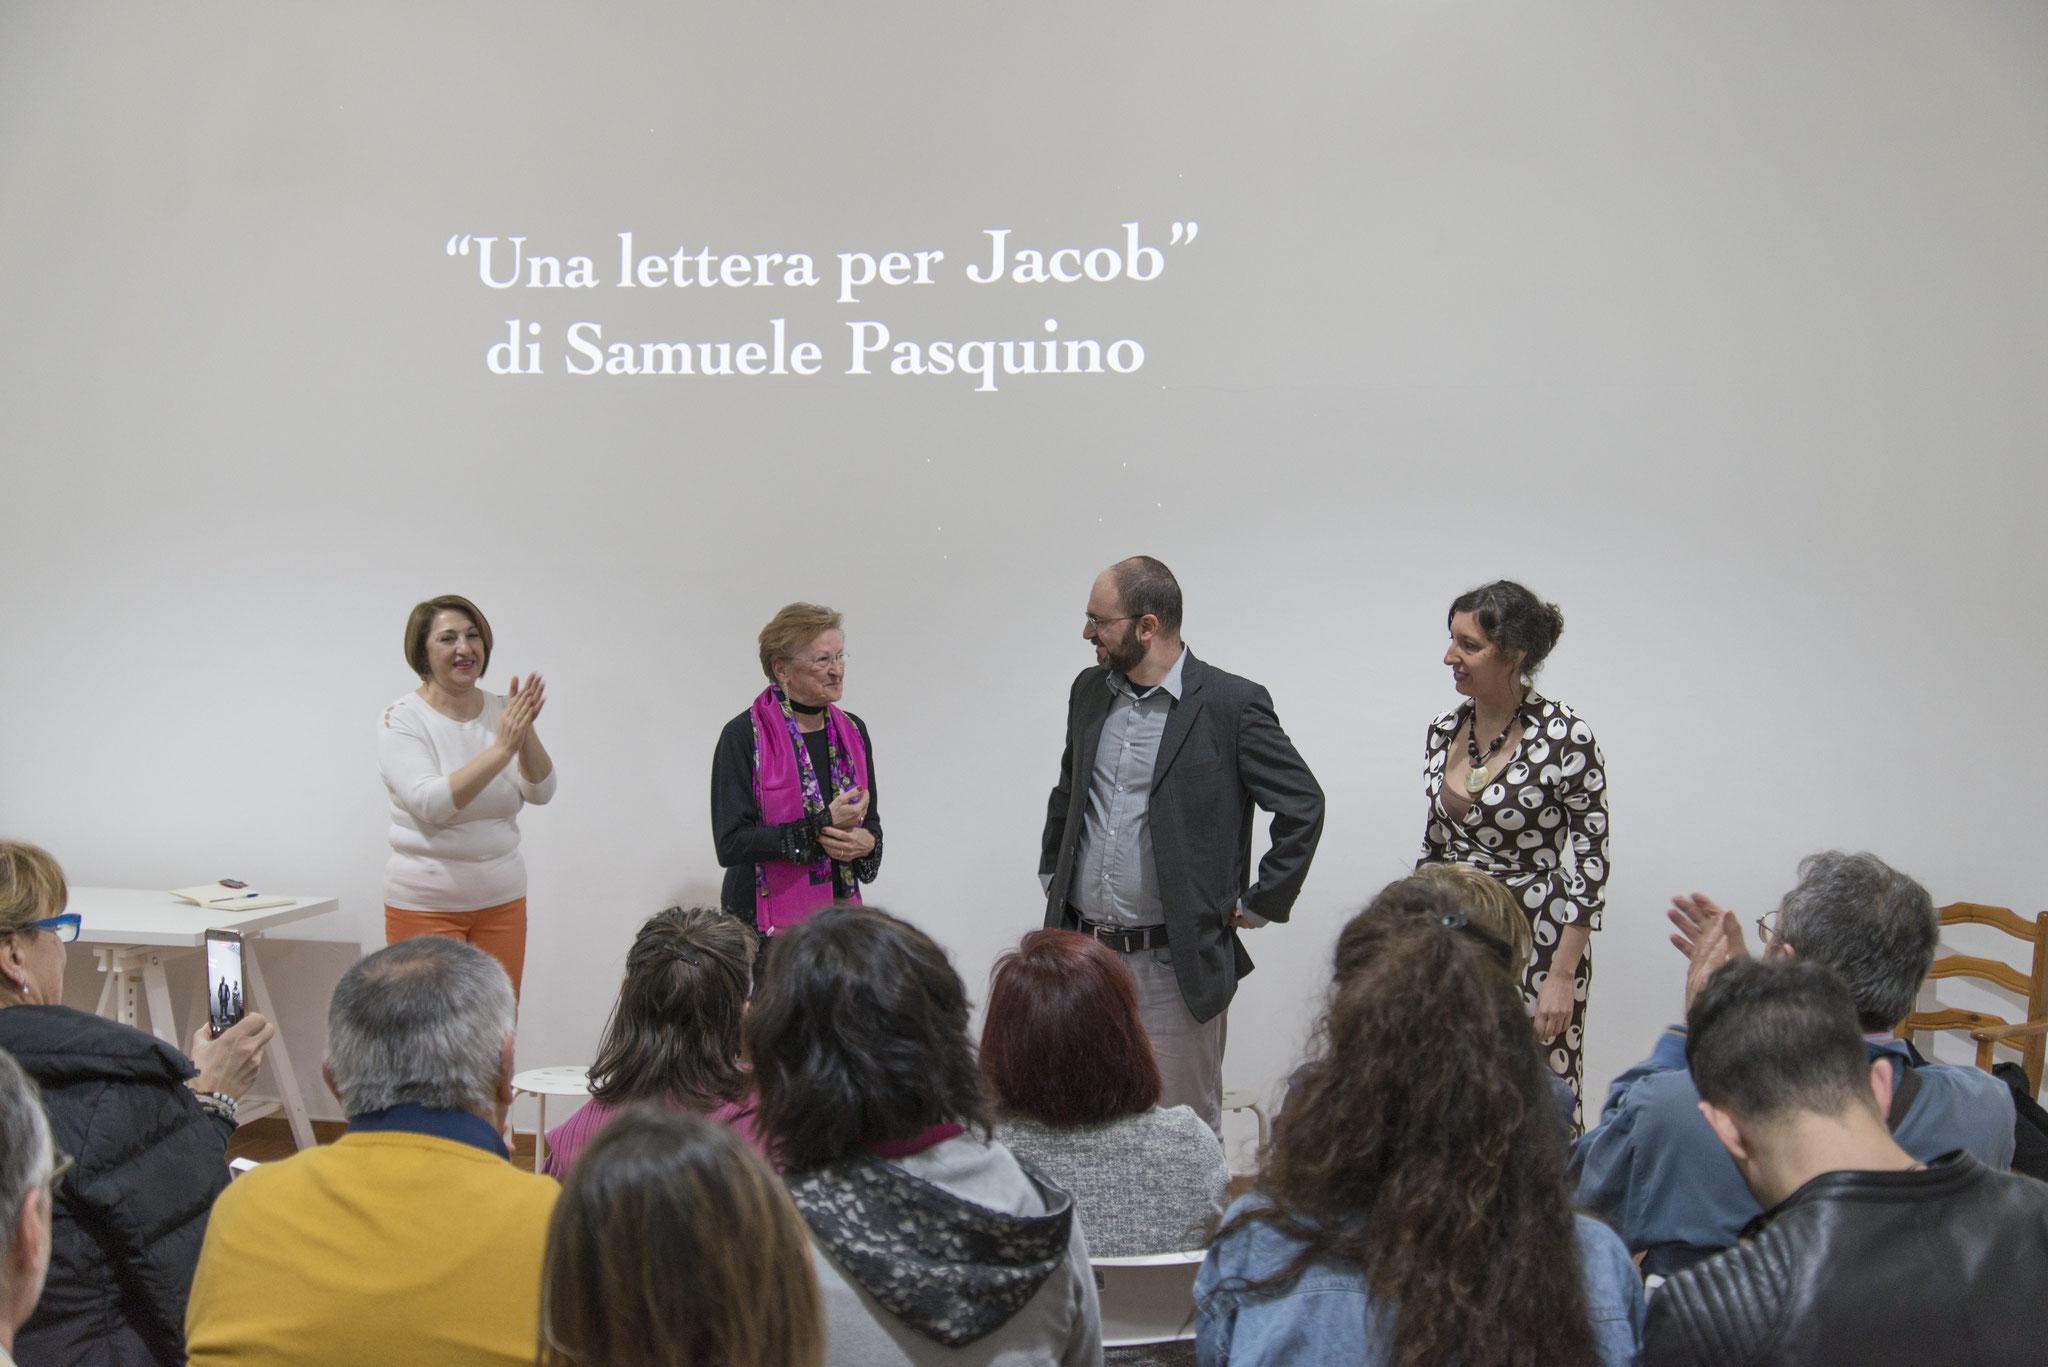 Foto di Marco Iacuaniello - Cortometraggio di Samuele Pasquino 2017